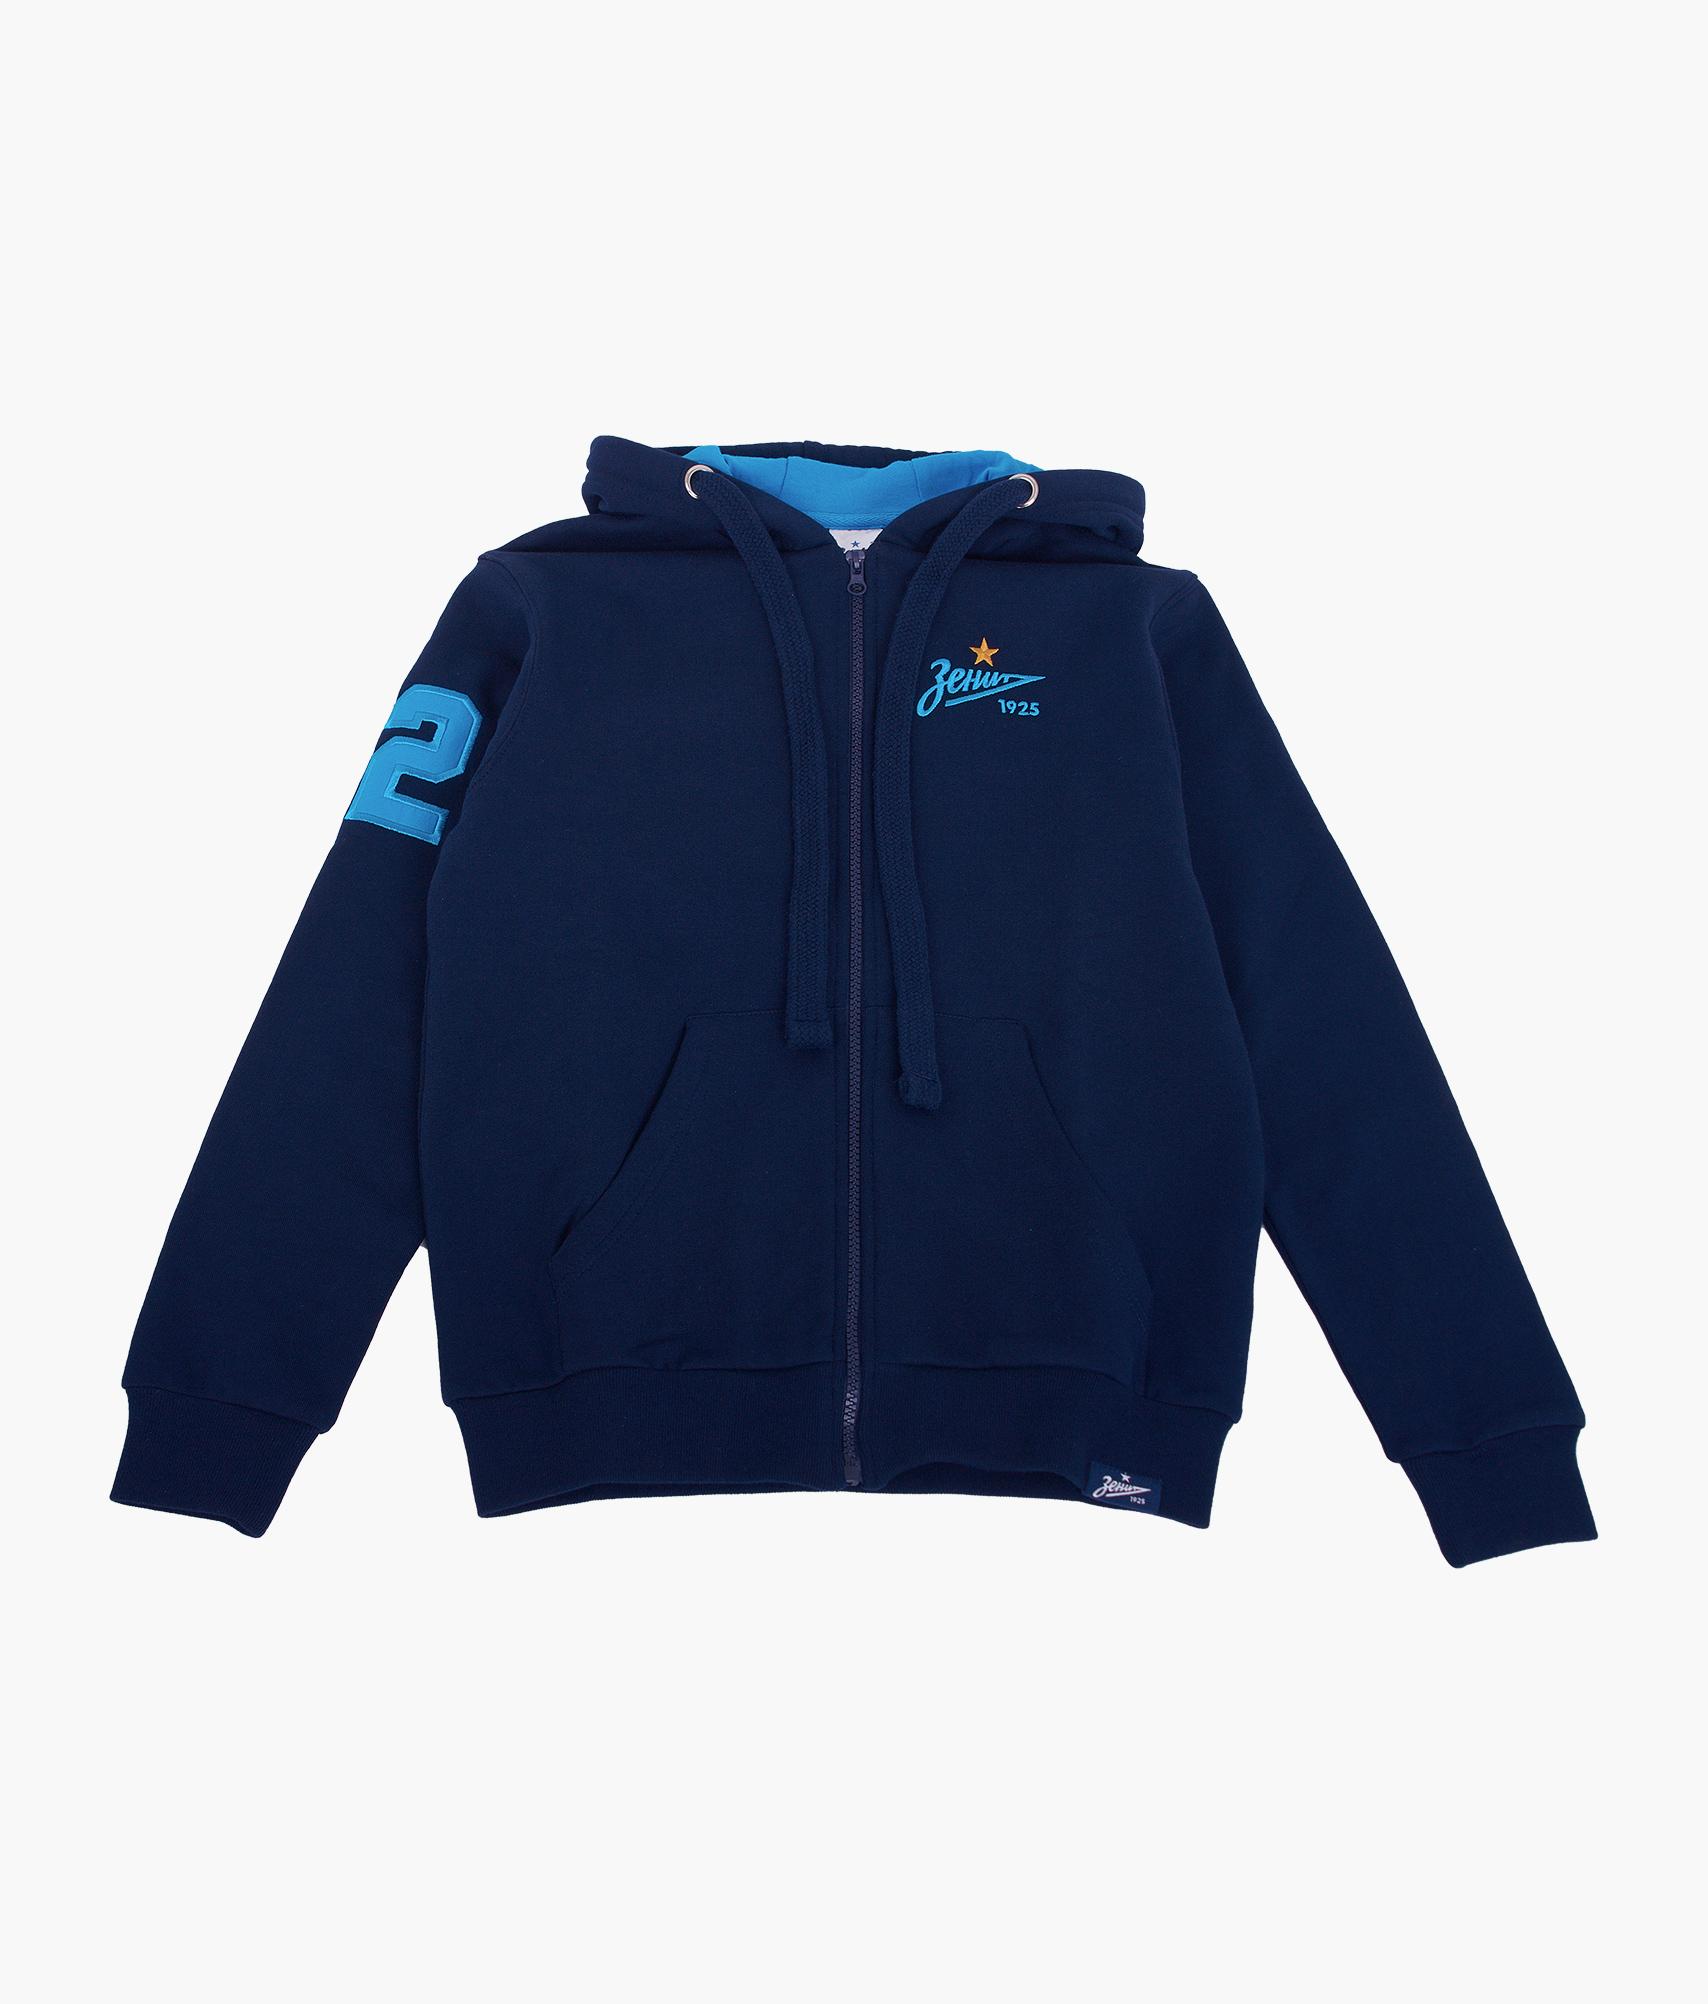 Толстовка детская Зенит Цвет-Темно-Синий шорты детские зенит цвет синий